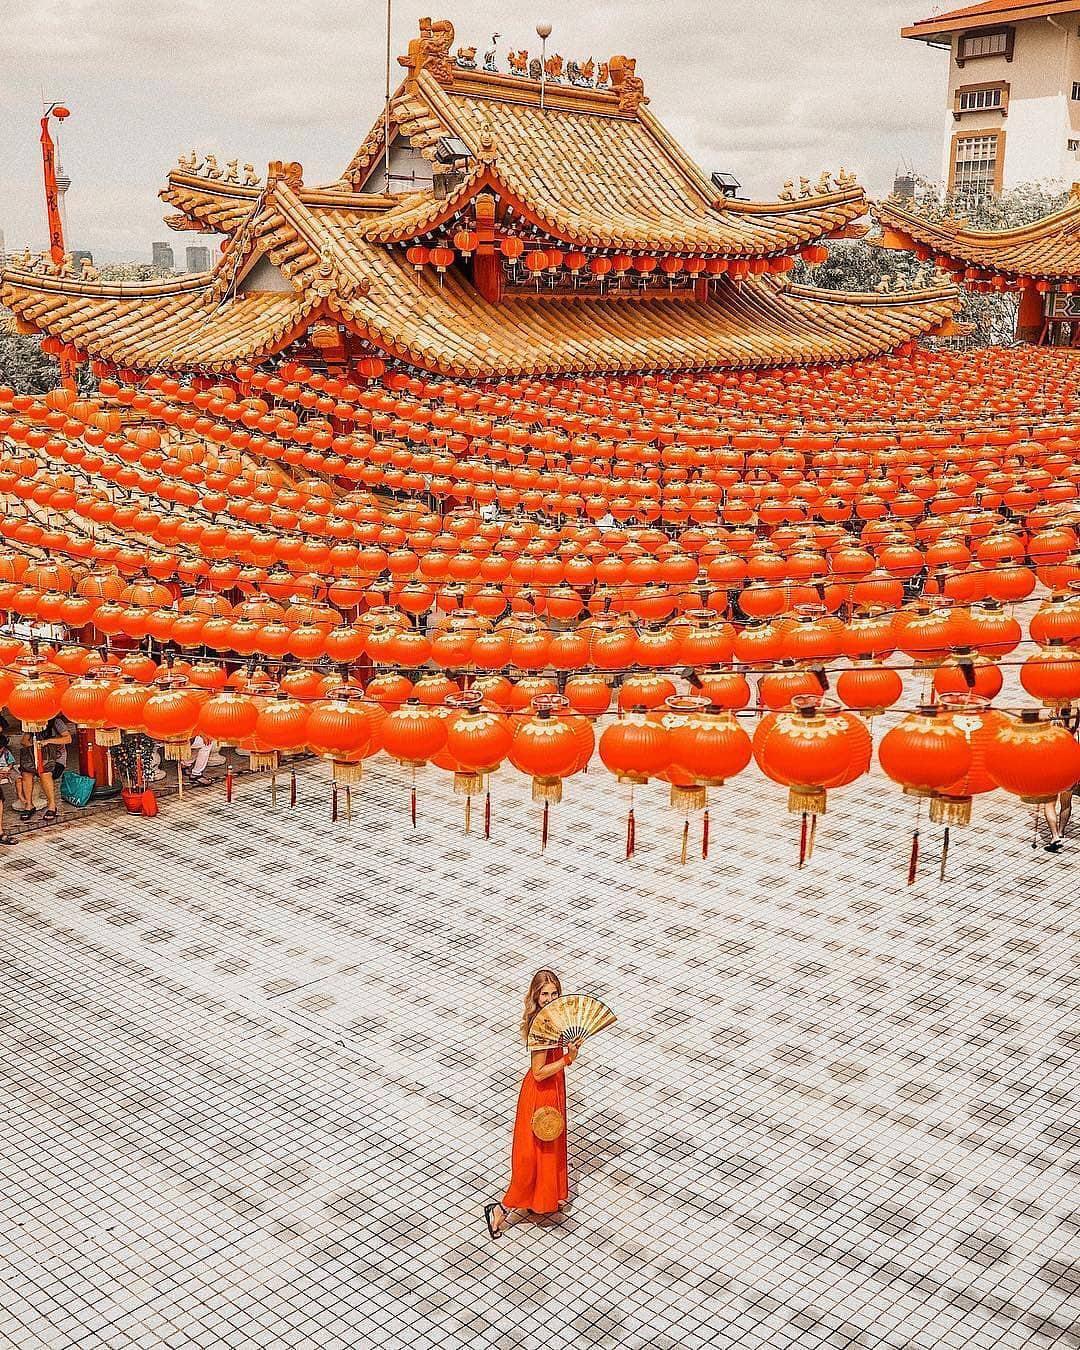 Phát hiện triệu góc check-in thần thánh ở ngôi chùa đèn lồng hot nhất Kuala Lumpur - Ảnh 7.